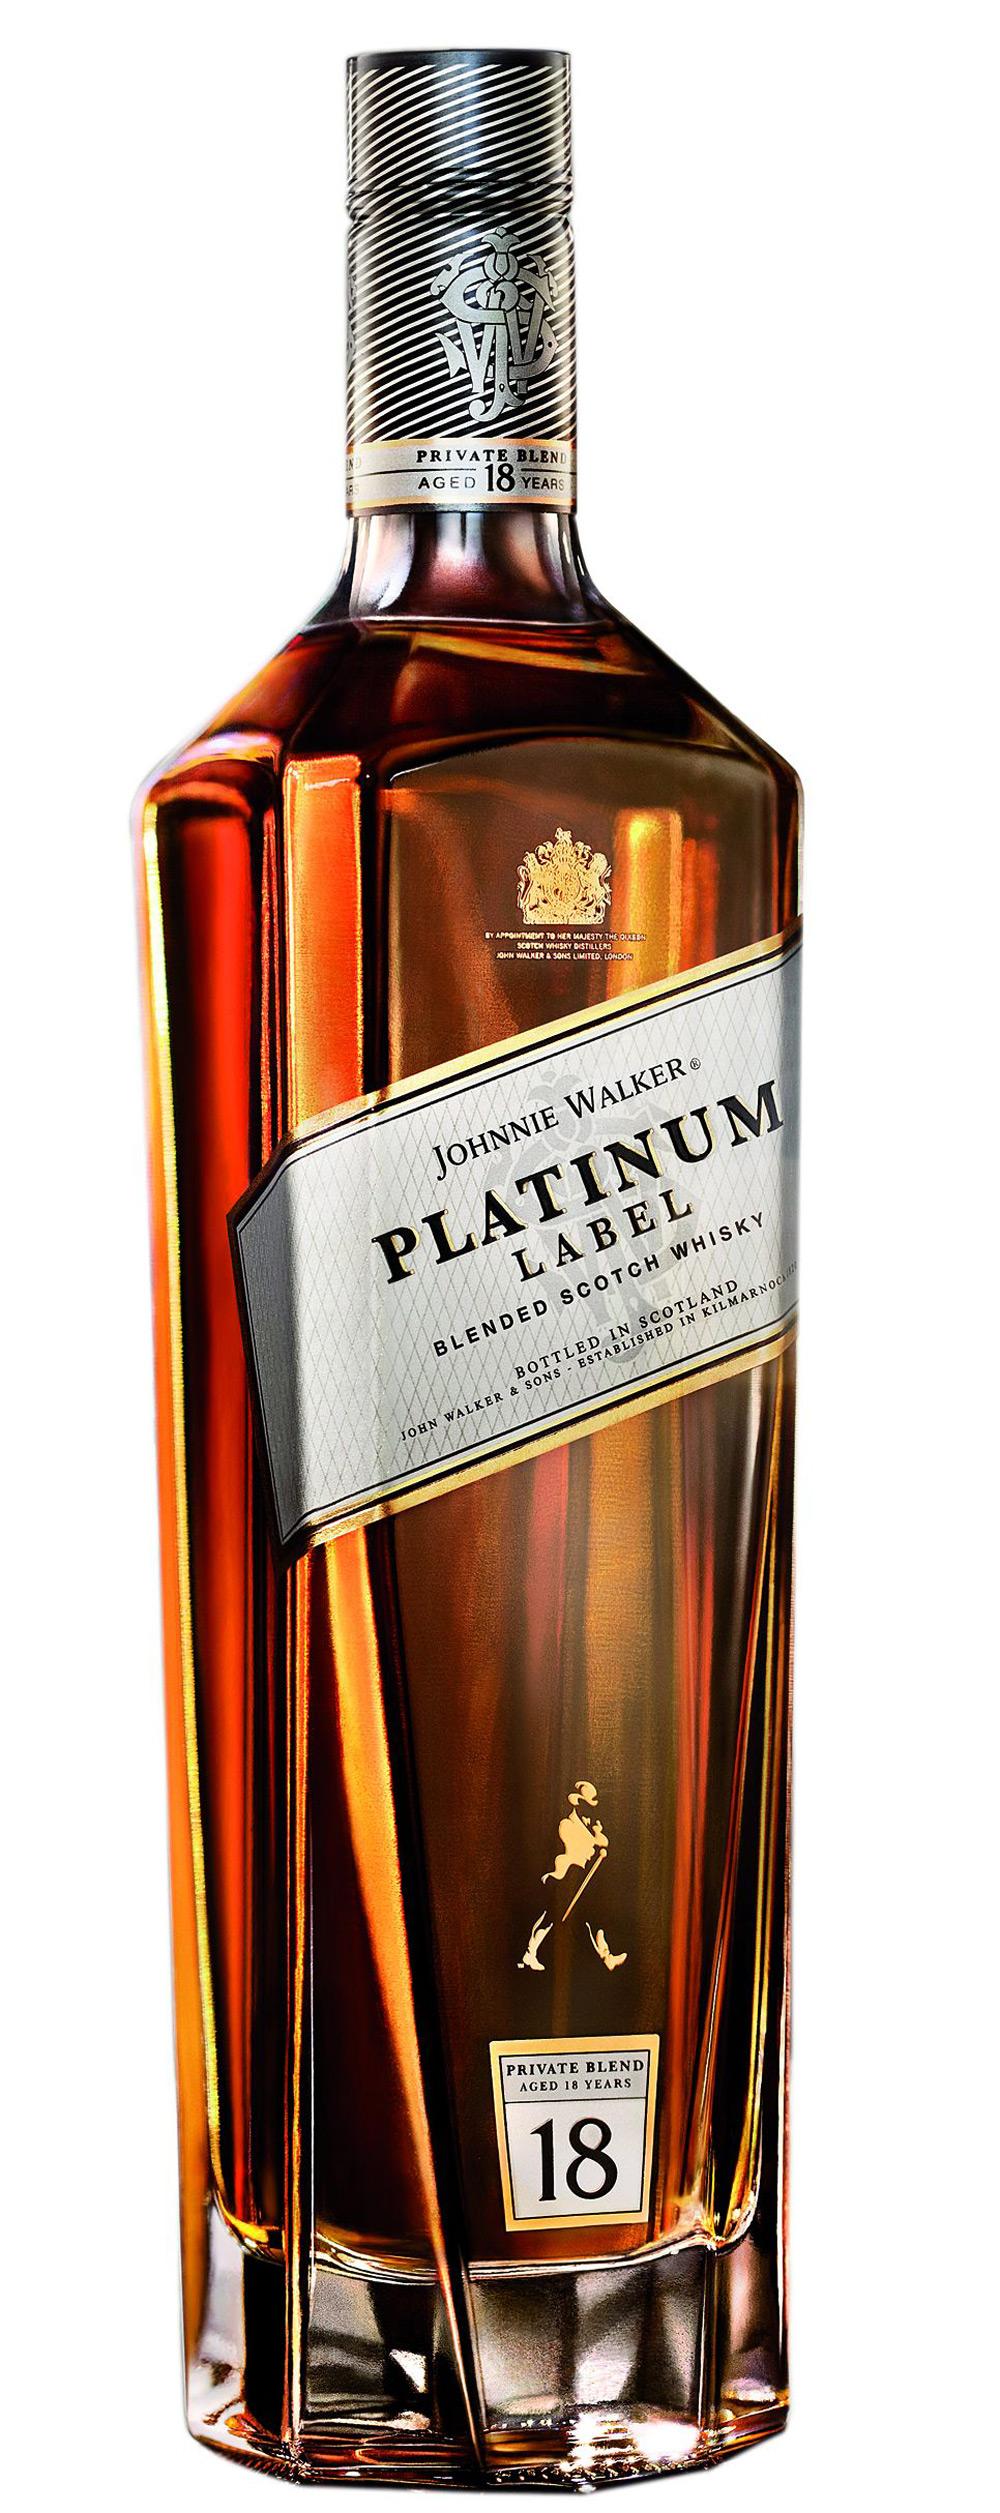 New Johnnie Walker Platinum Label Extravaganzi